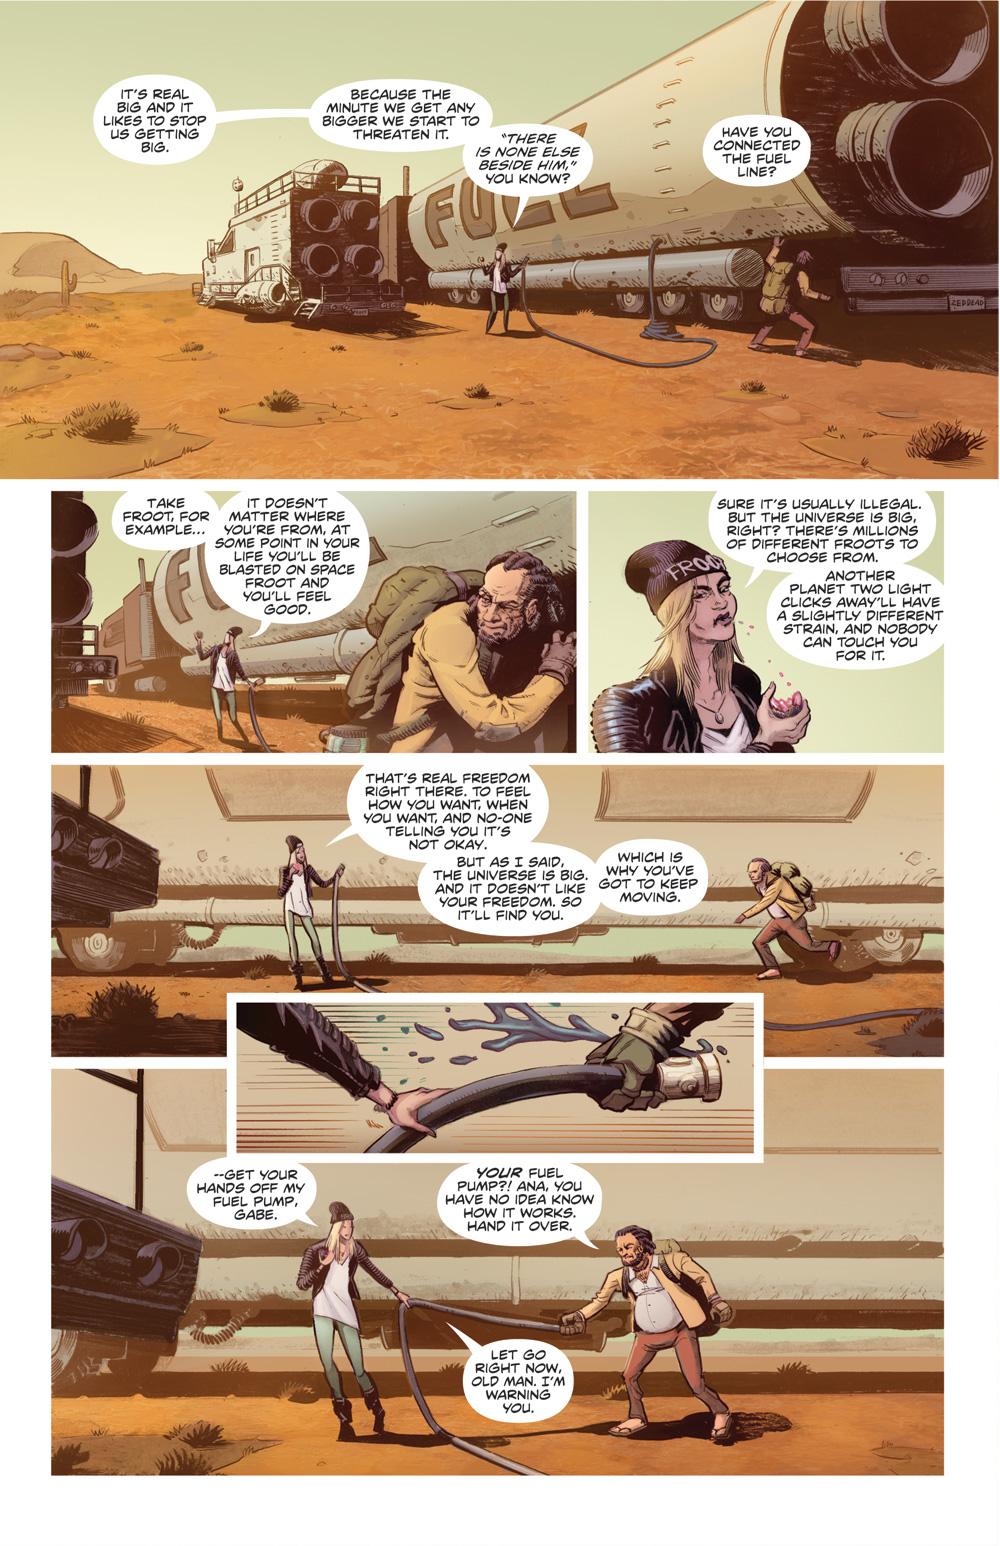 VoidTrip-Chapter01-02.jpg